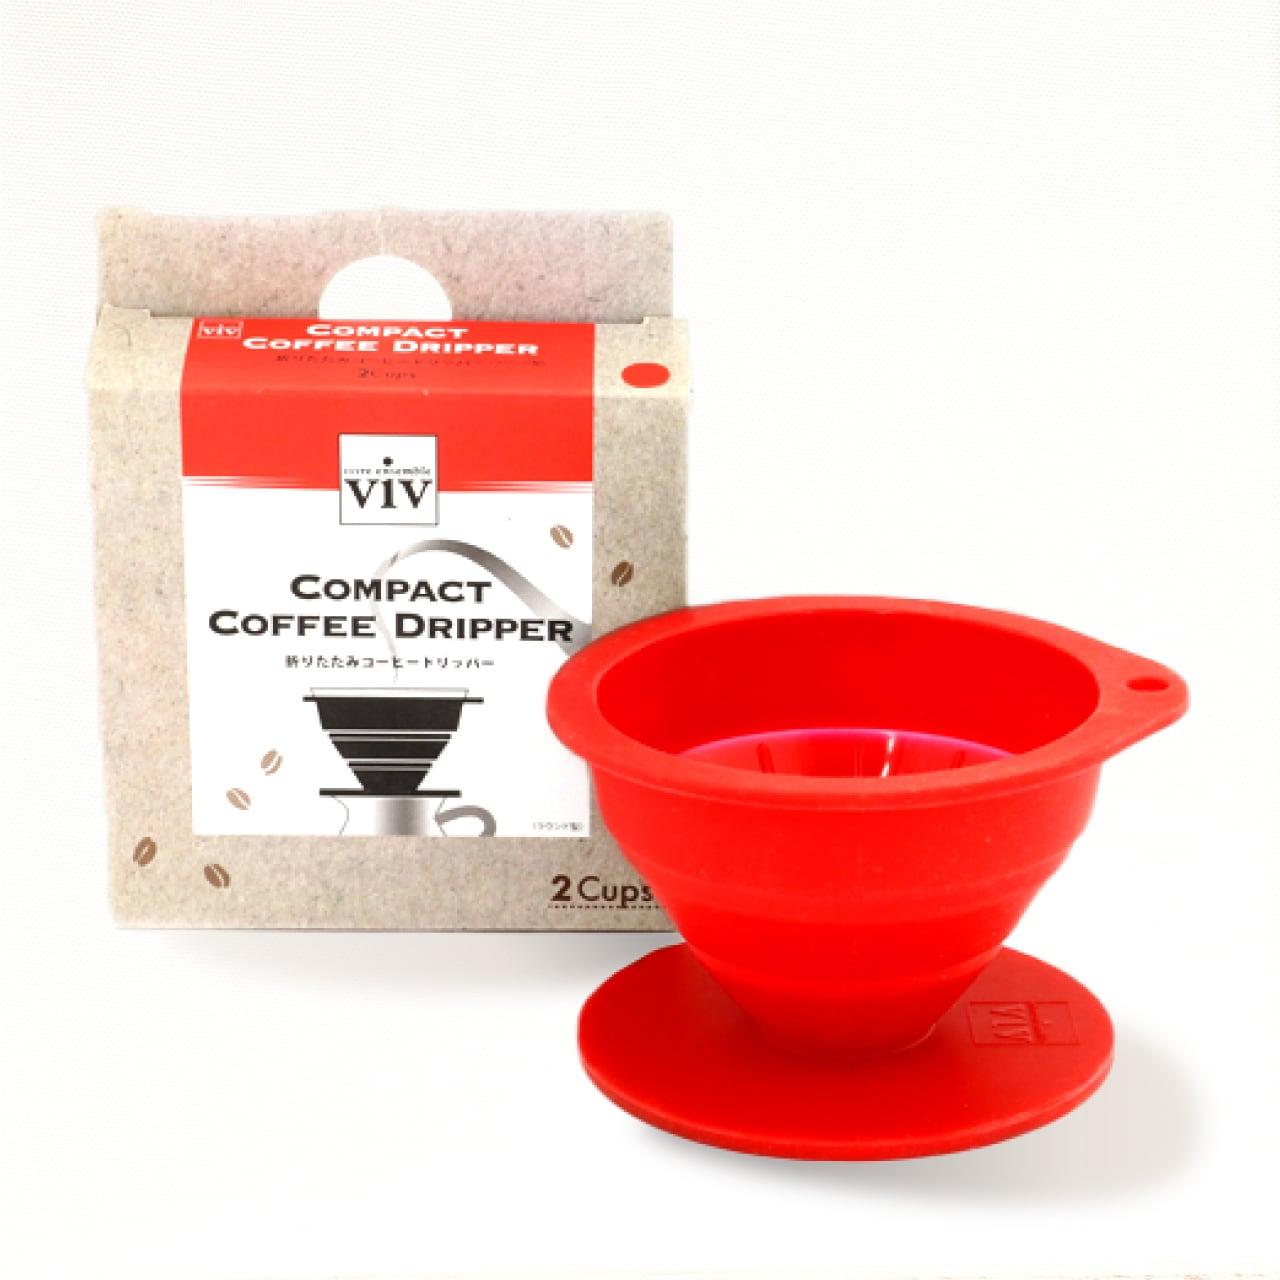 RUNOA COFFEE 折りたたみ式コーヒードリッパー (レッド)